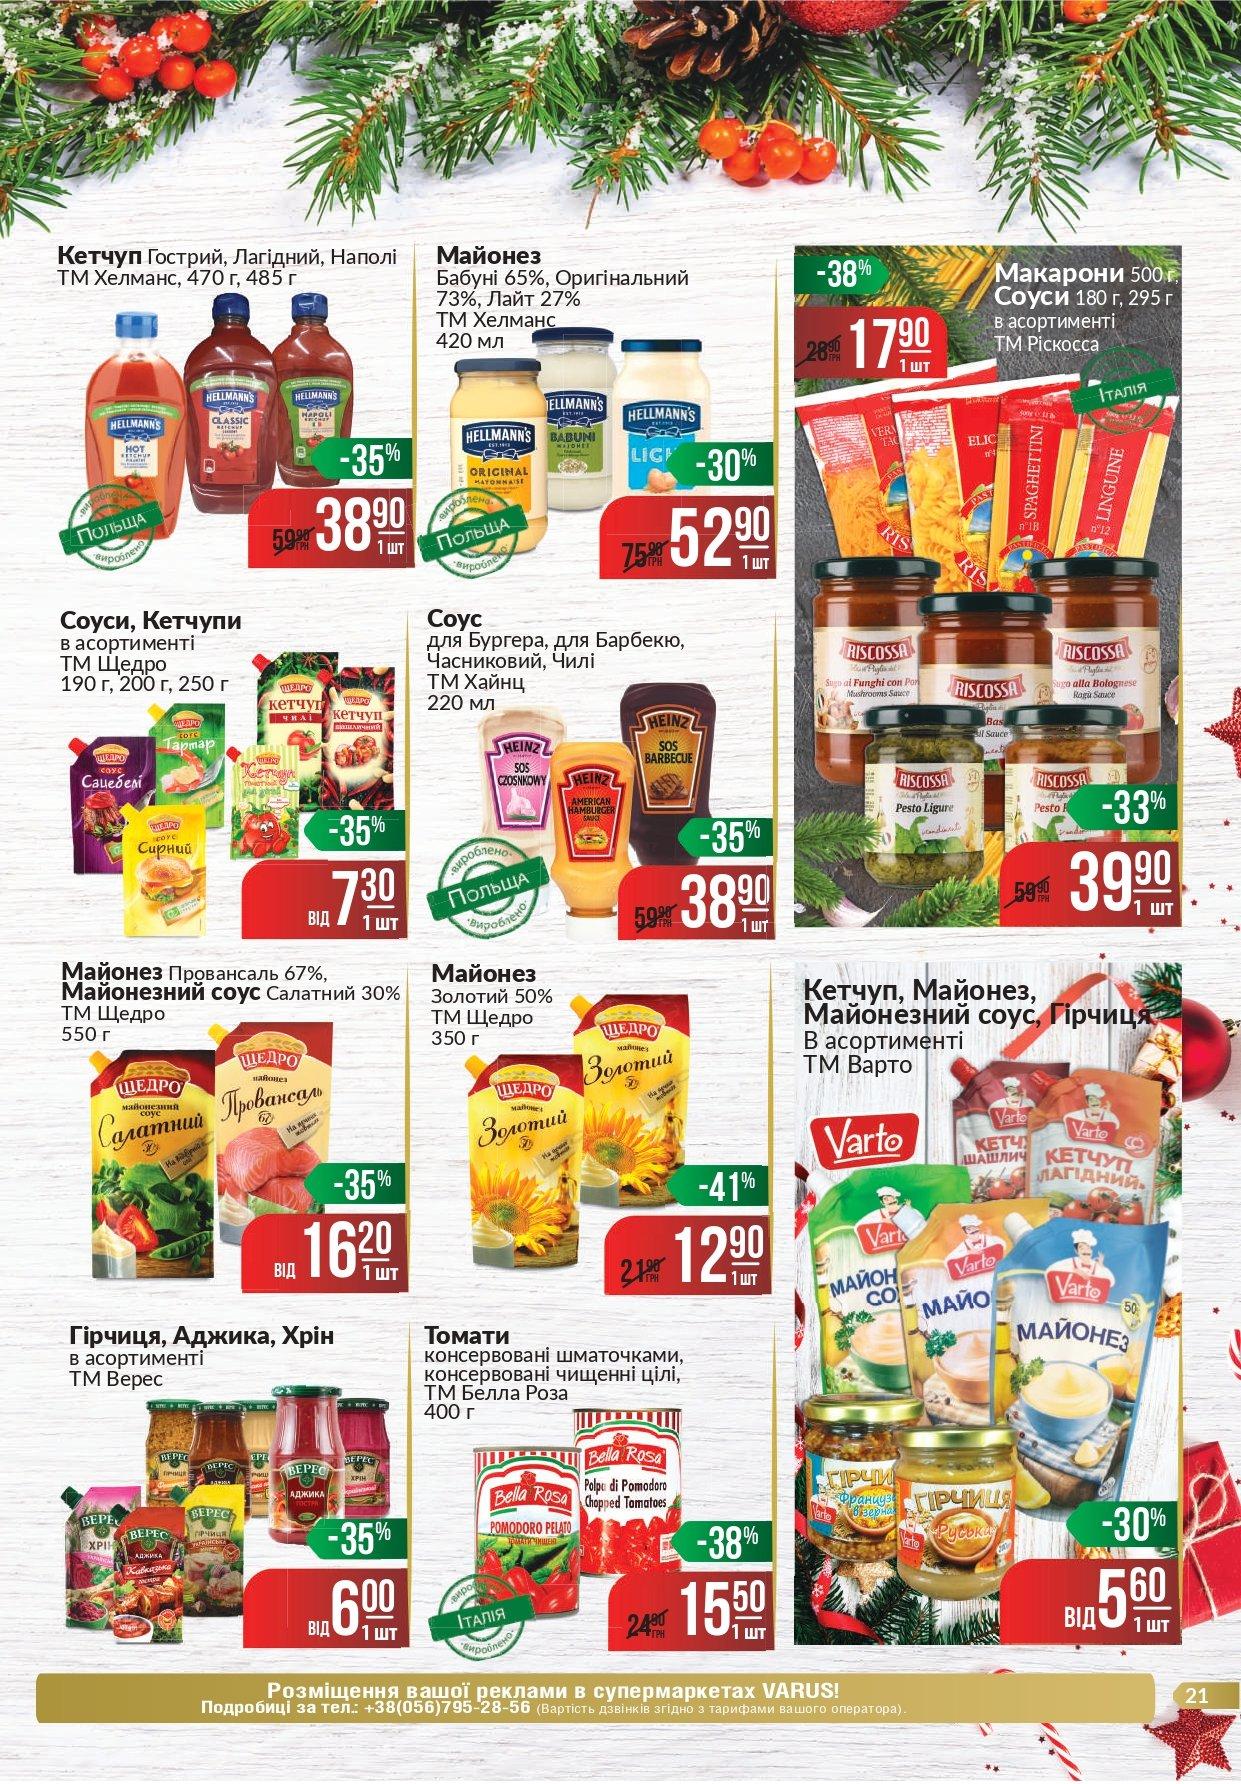 Делаем покупки к Новому Году: какие акции действуют в супермаркетах Днепра, - ЦЕНЫ, фото-49